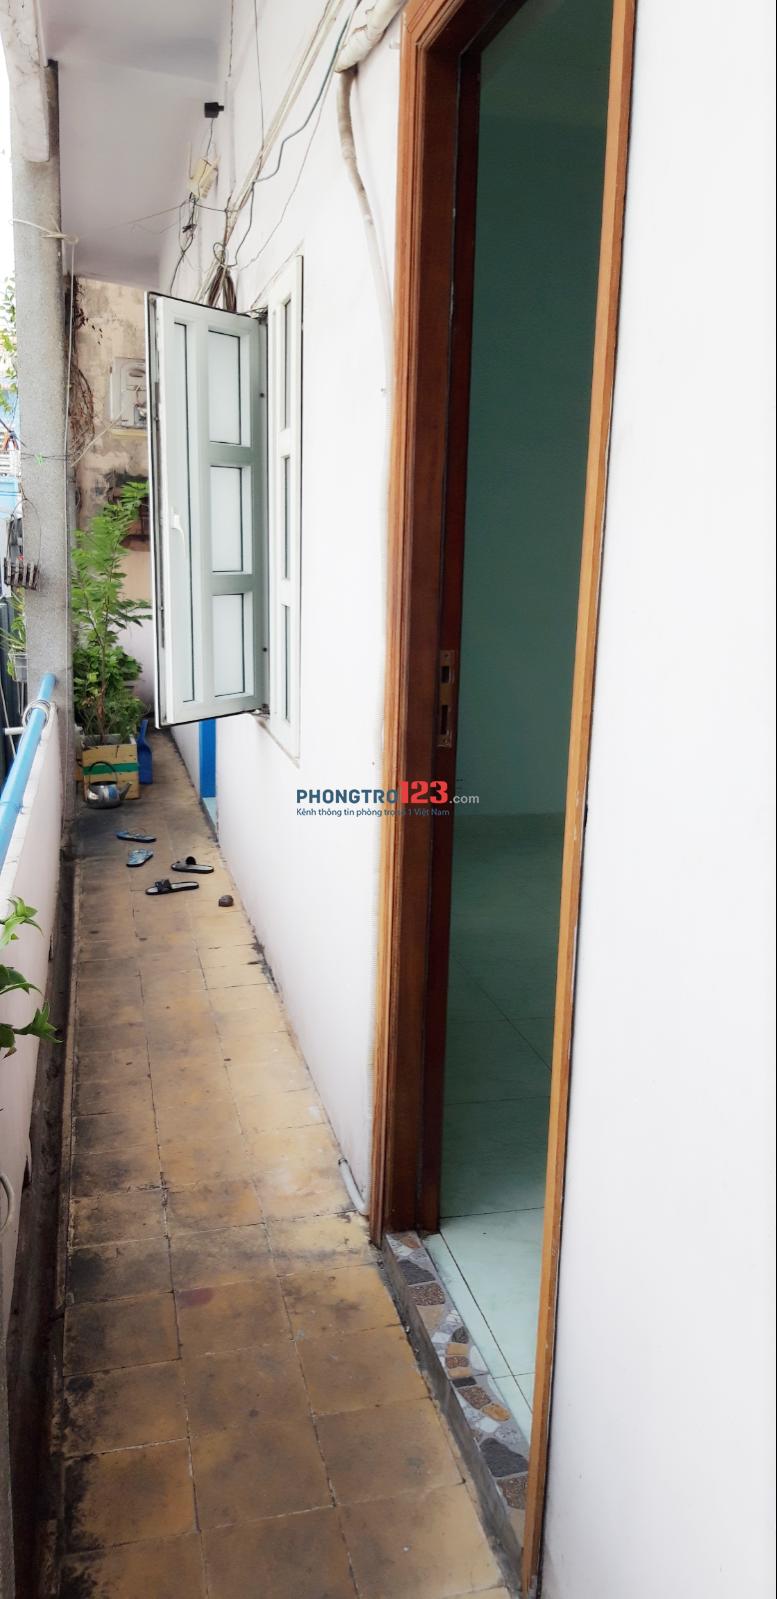 Phòng trọ 25m2 có ban công, cửa sổ 399 Nguyễn Trọng Tuyển, Tân Bình